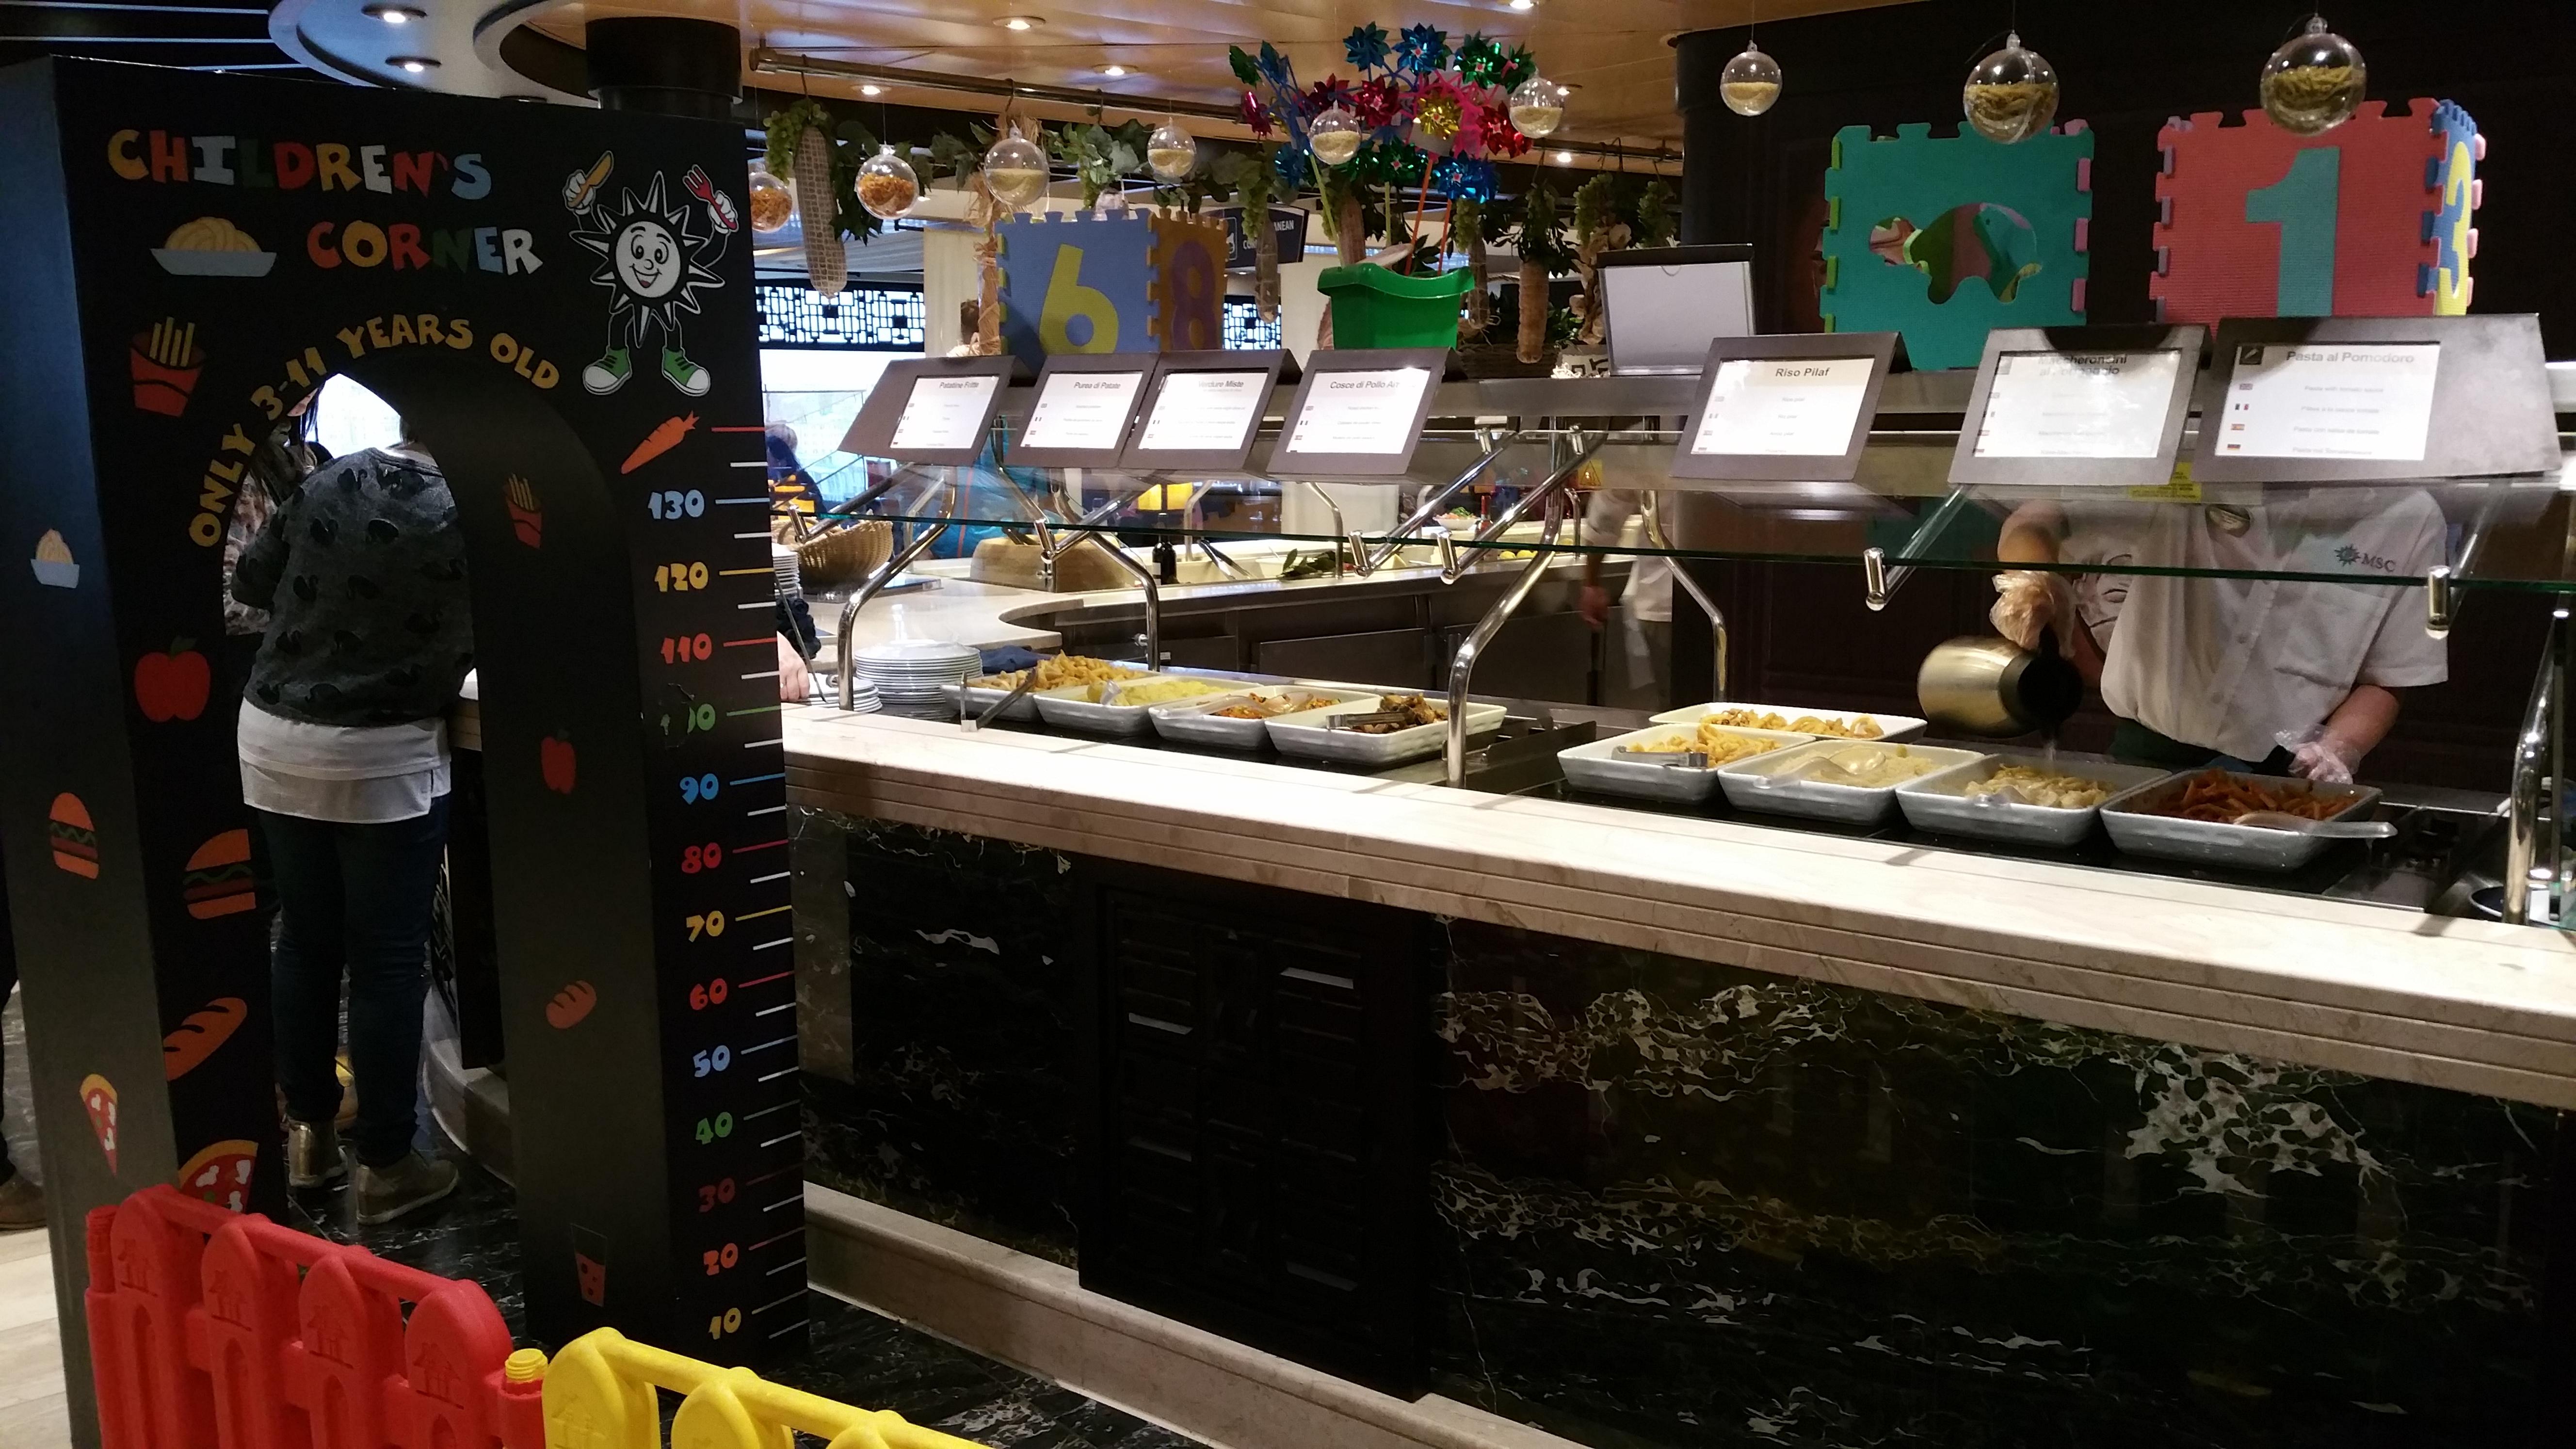 Une zone spécialement pour les enfants au buffet ZANZIBAR à bord du MSC FANTASIA